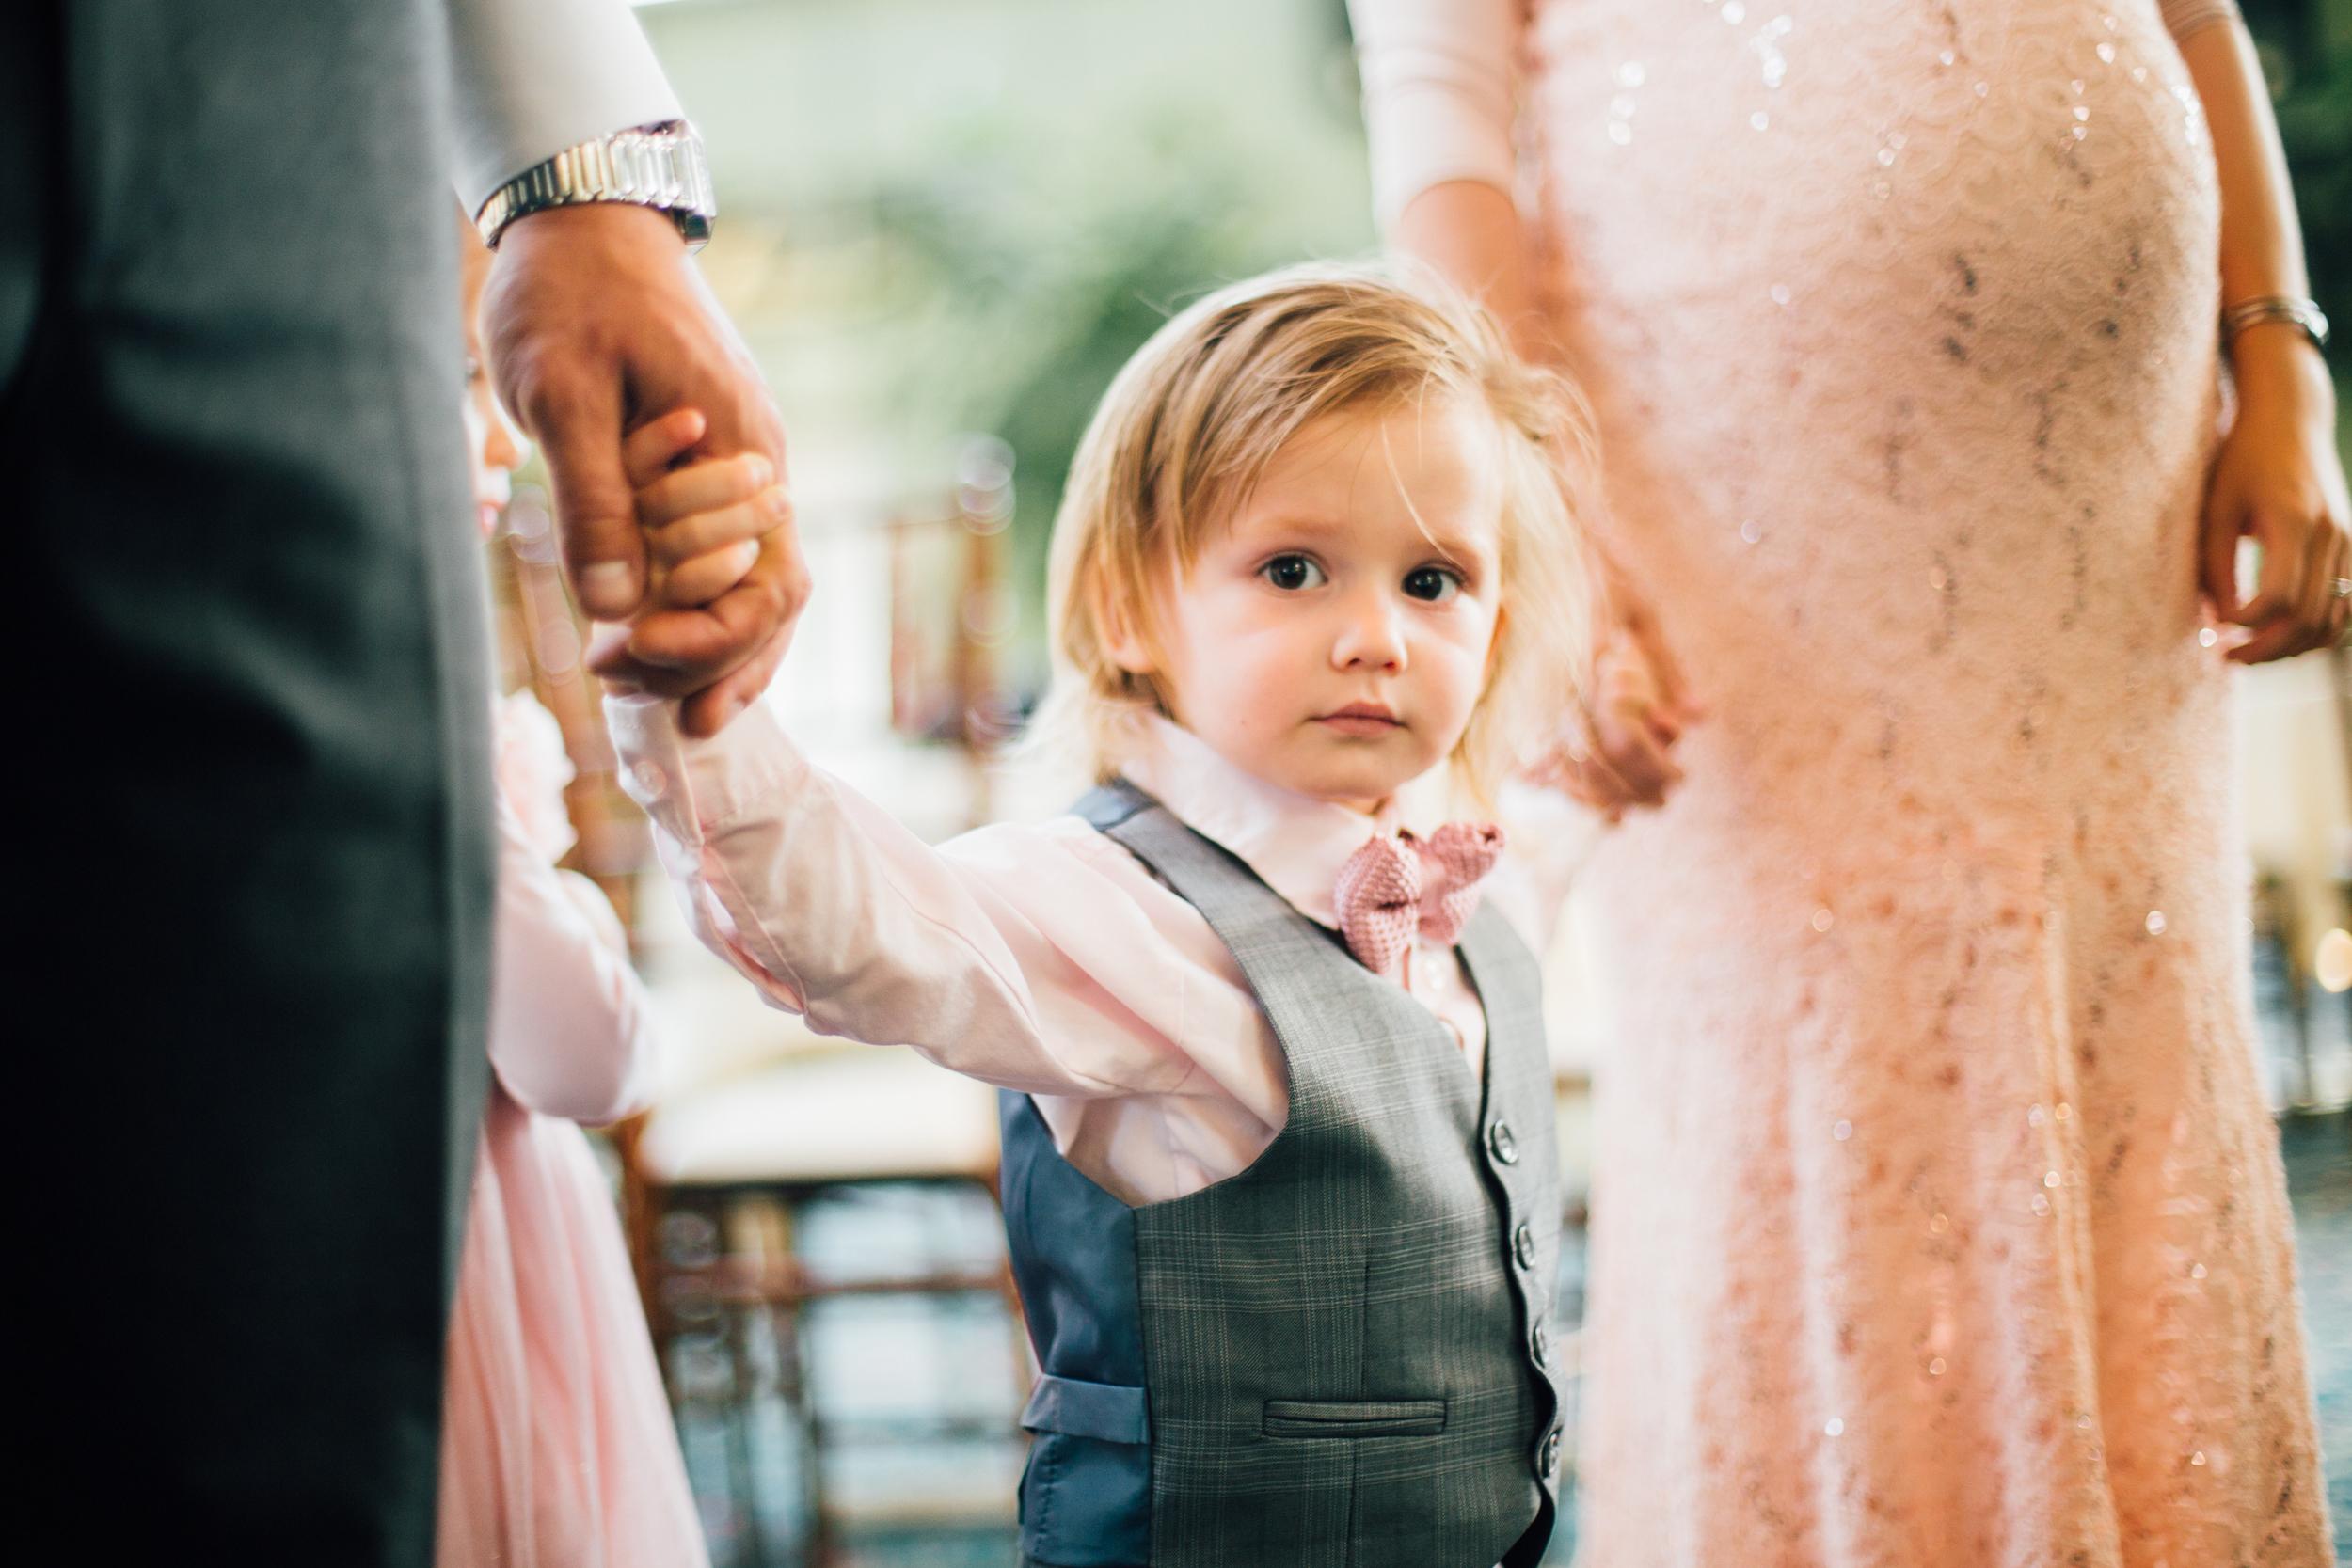 Wedding Etya & Sergey - Eliau Piha studio photography, new york, events, people-0192.jpg